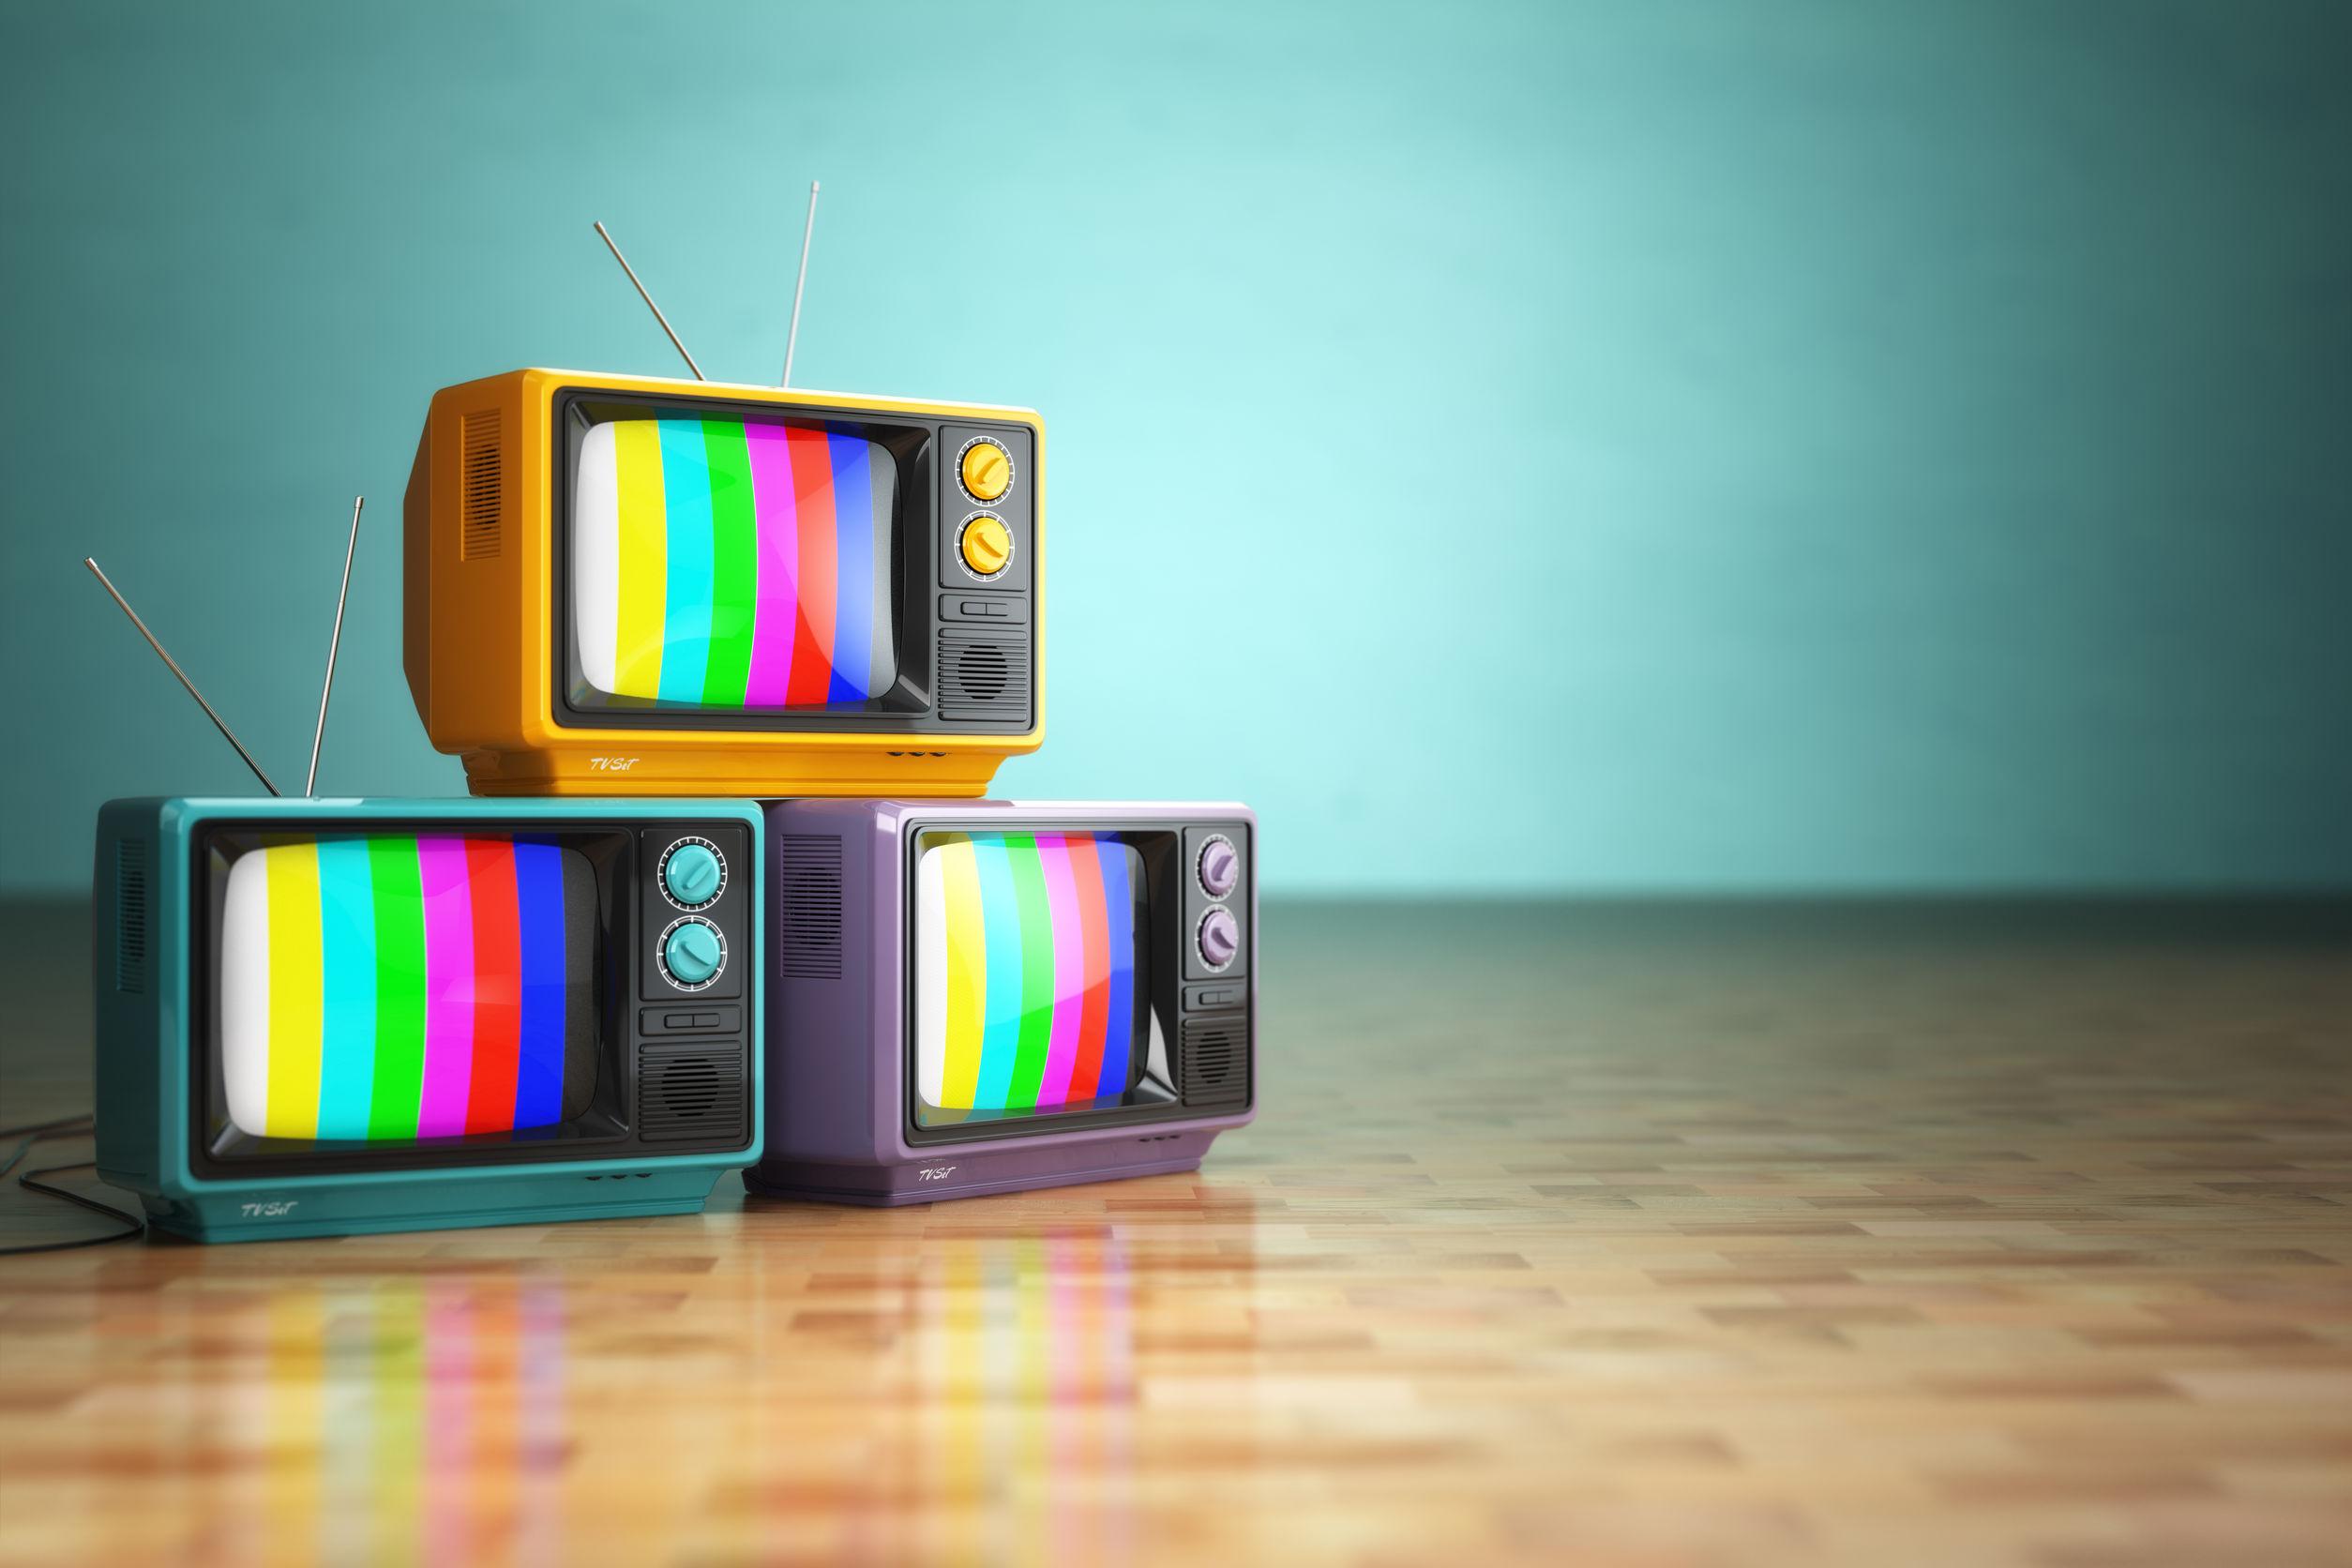 Três televisores antigos.